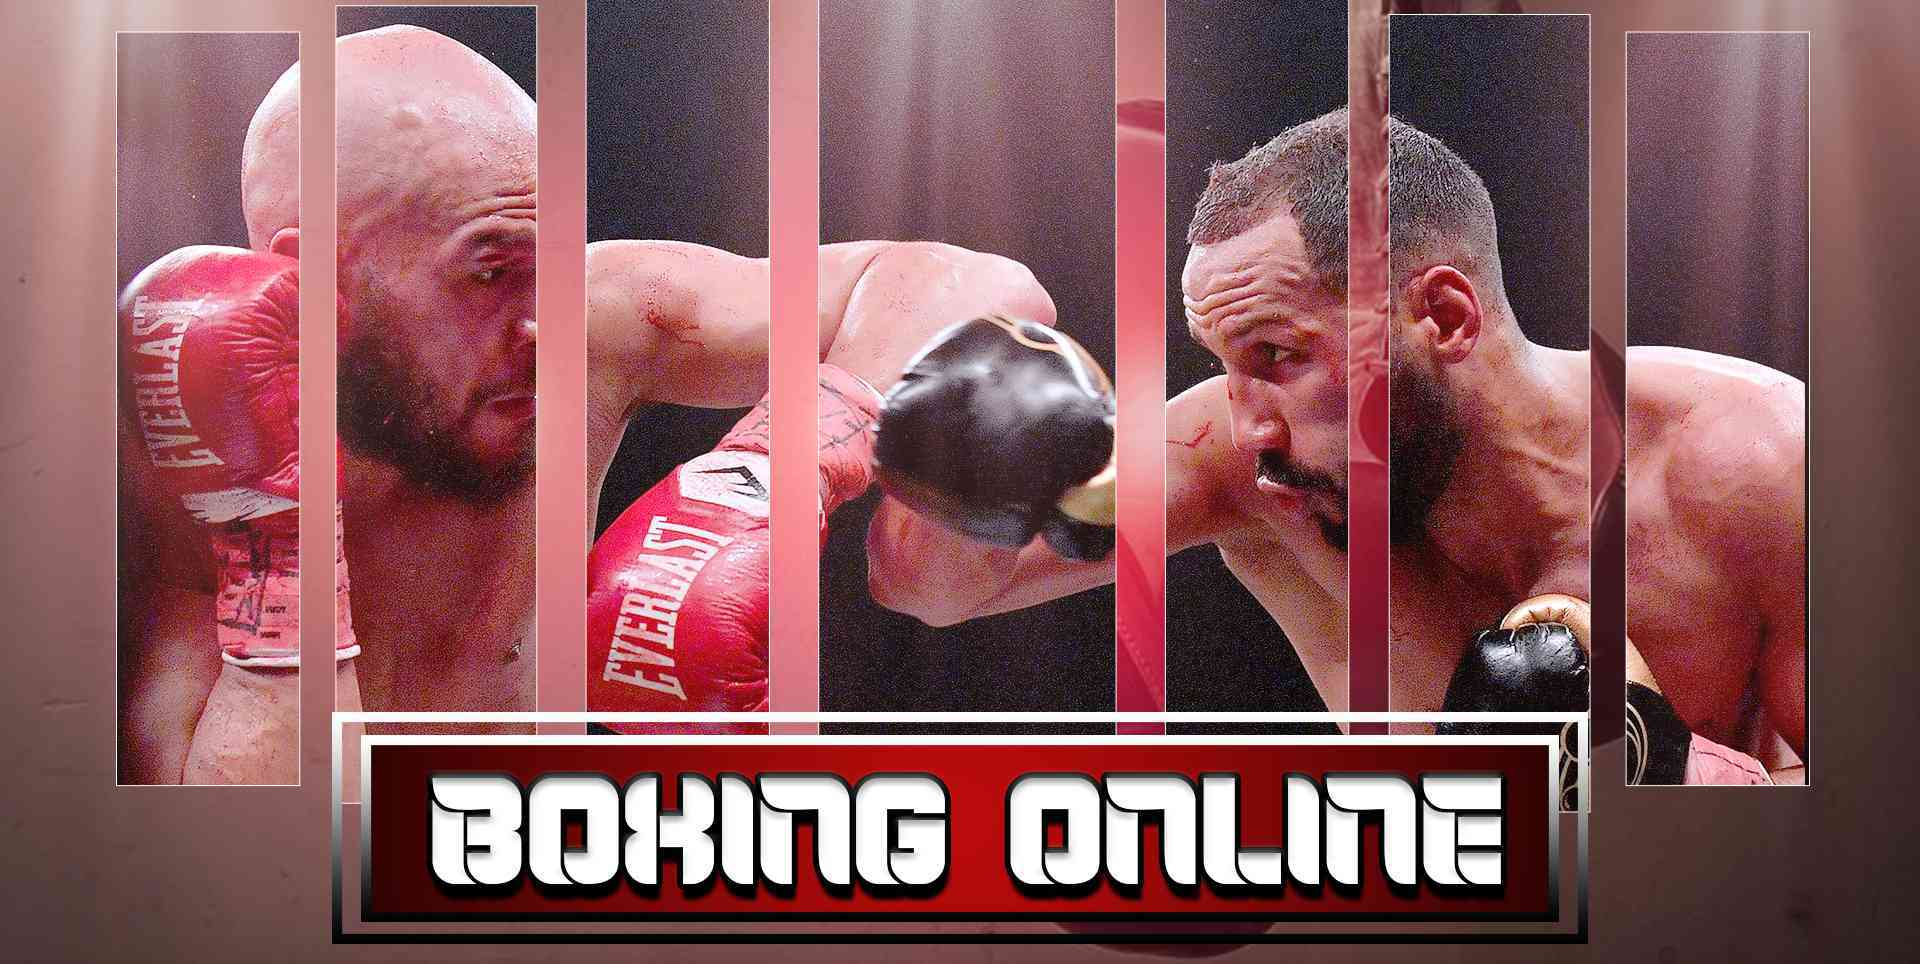 Boxing 2015 Villalobos vs Garcia Live